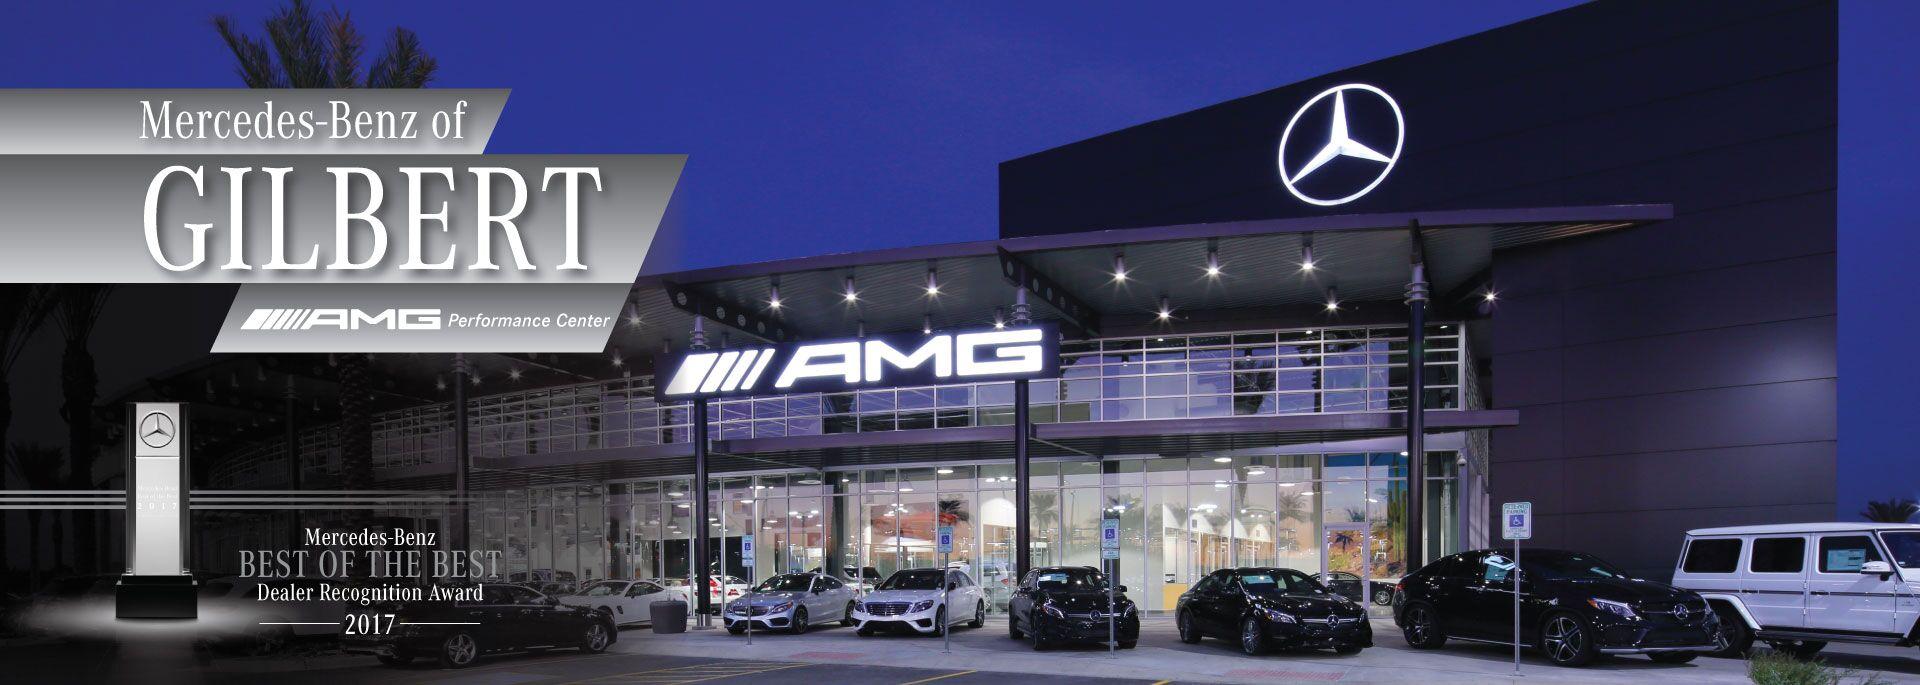 Beautiful Mercedes Benz Dealership Gilbert AZ | Used Cars Mercedes Benz Of Gilbert